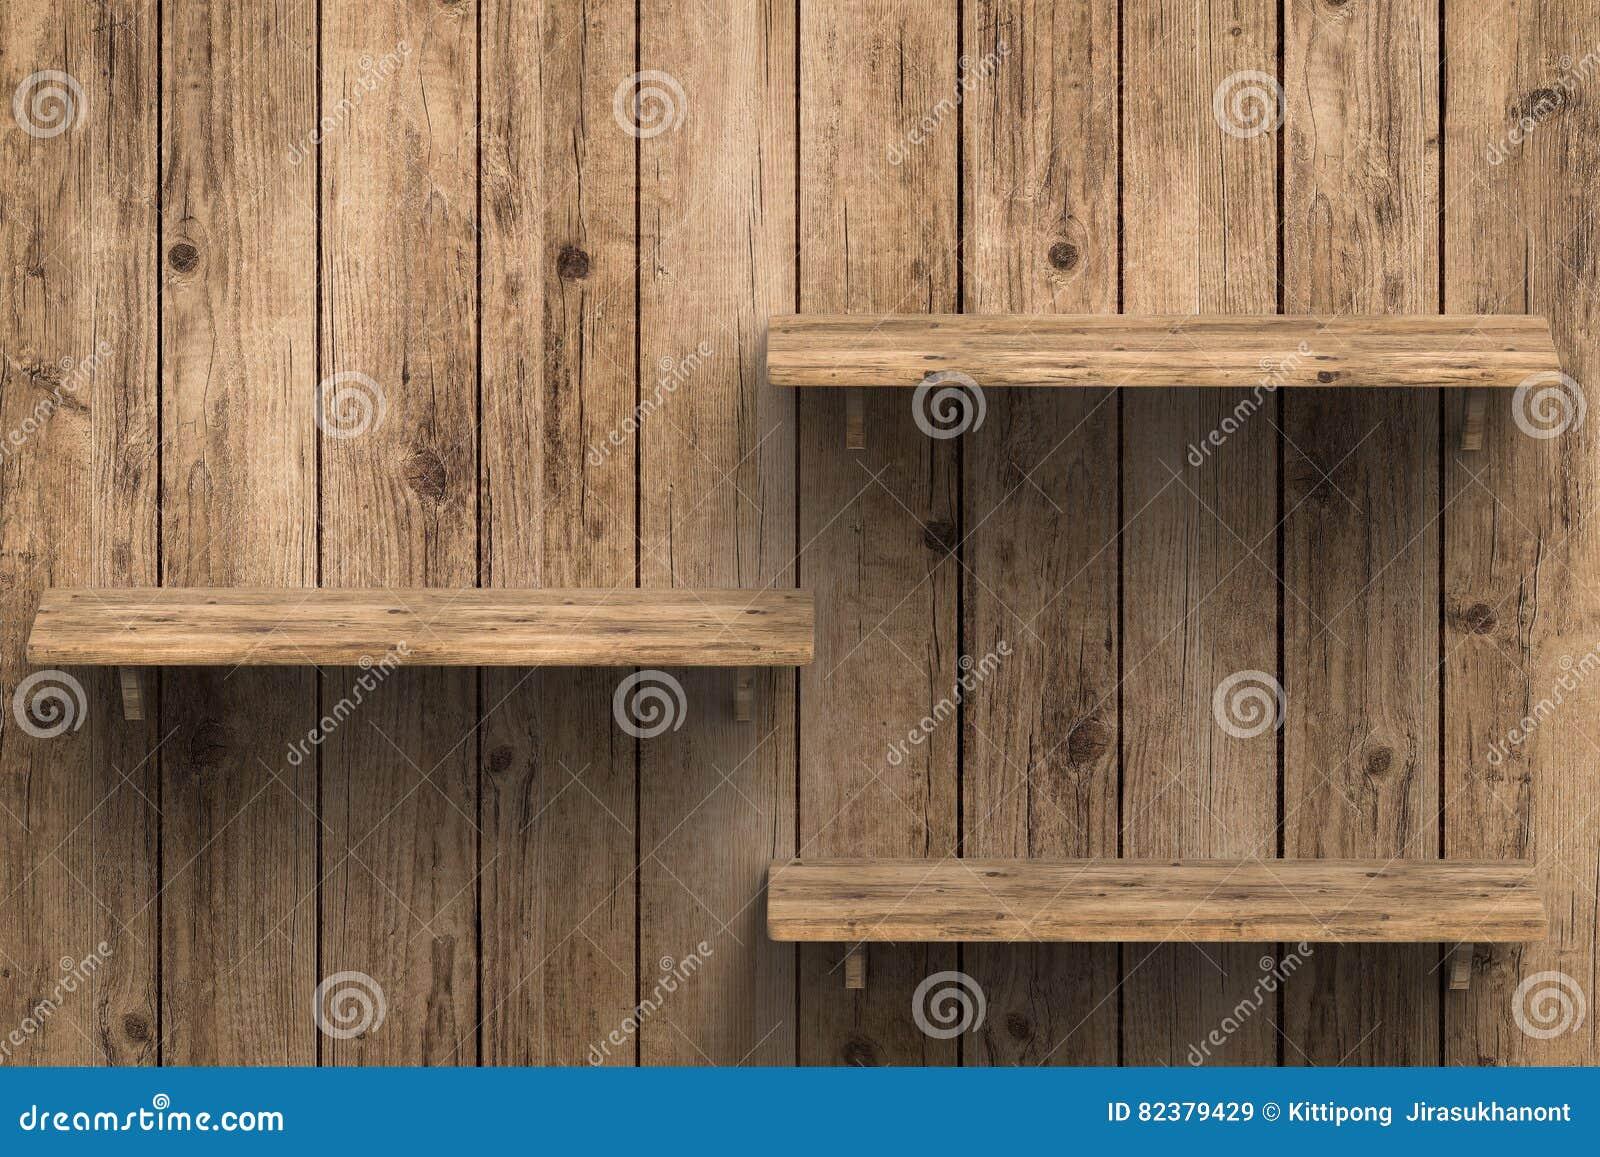 Decorare Mensole Legno : Tre scaffali di legno sulla parete immagine stock immagine di